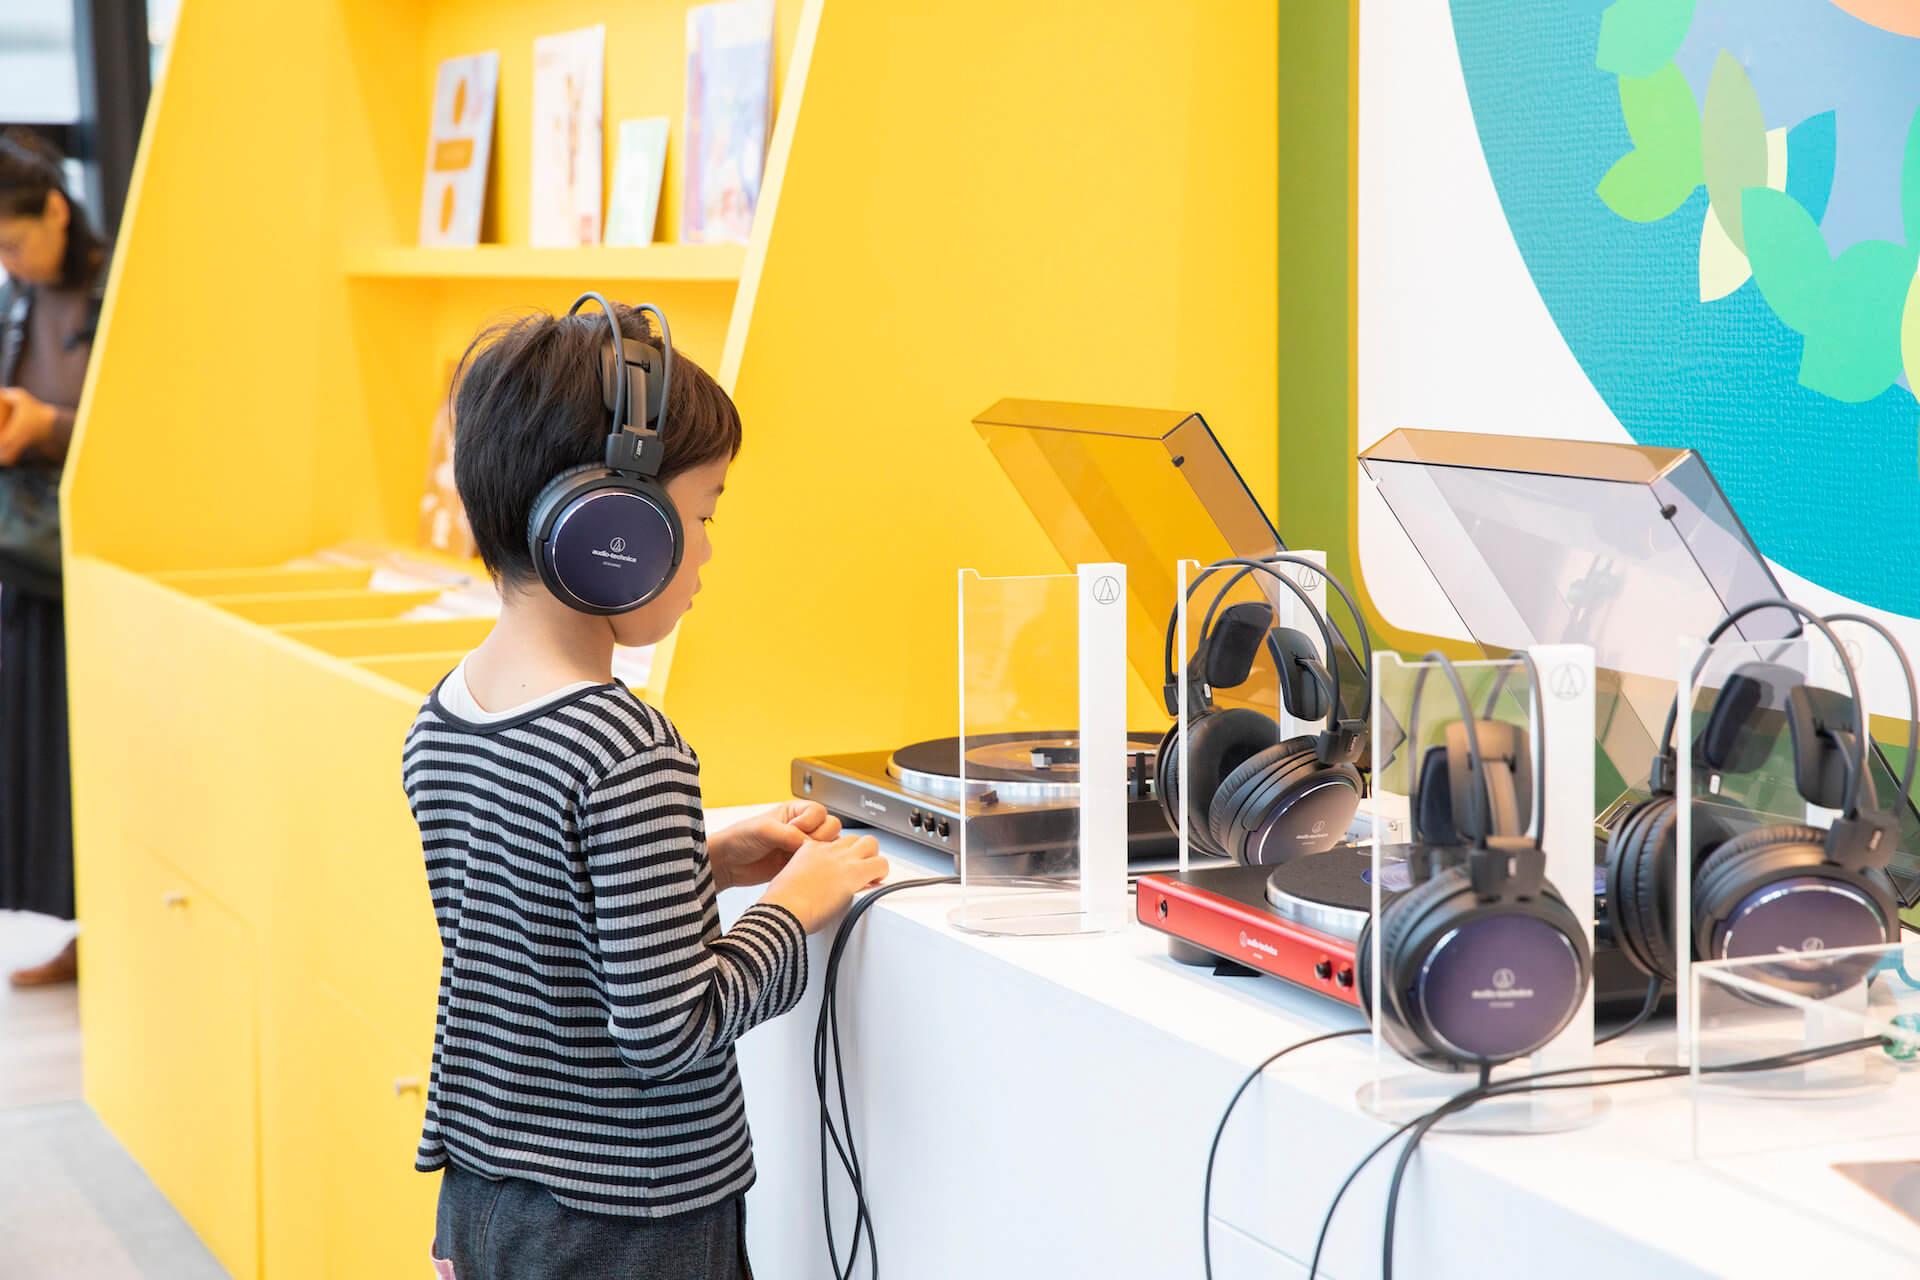 デジタルネイティブ世代に伝えたいアナログ音楽の魅力。アナログってなんだろう?